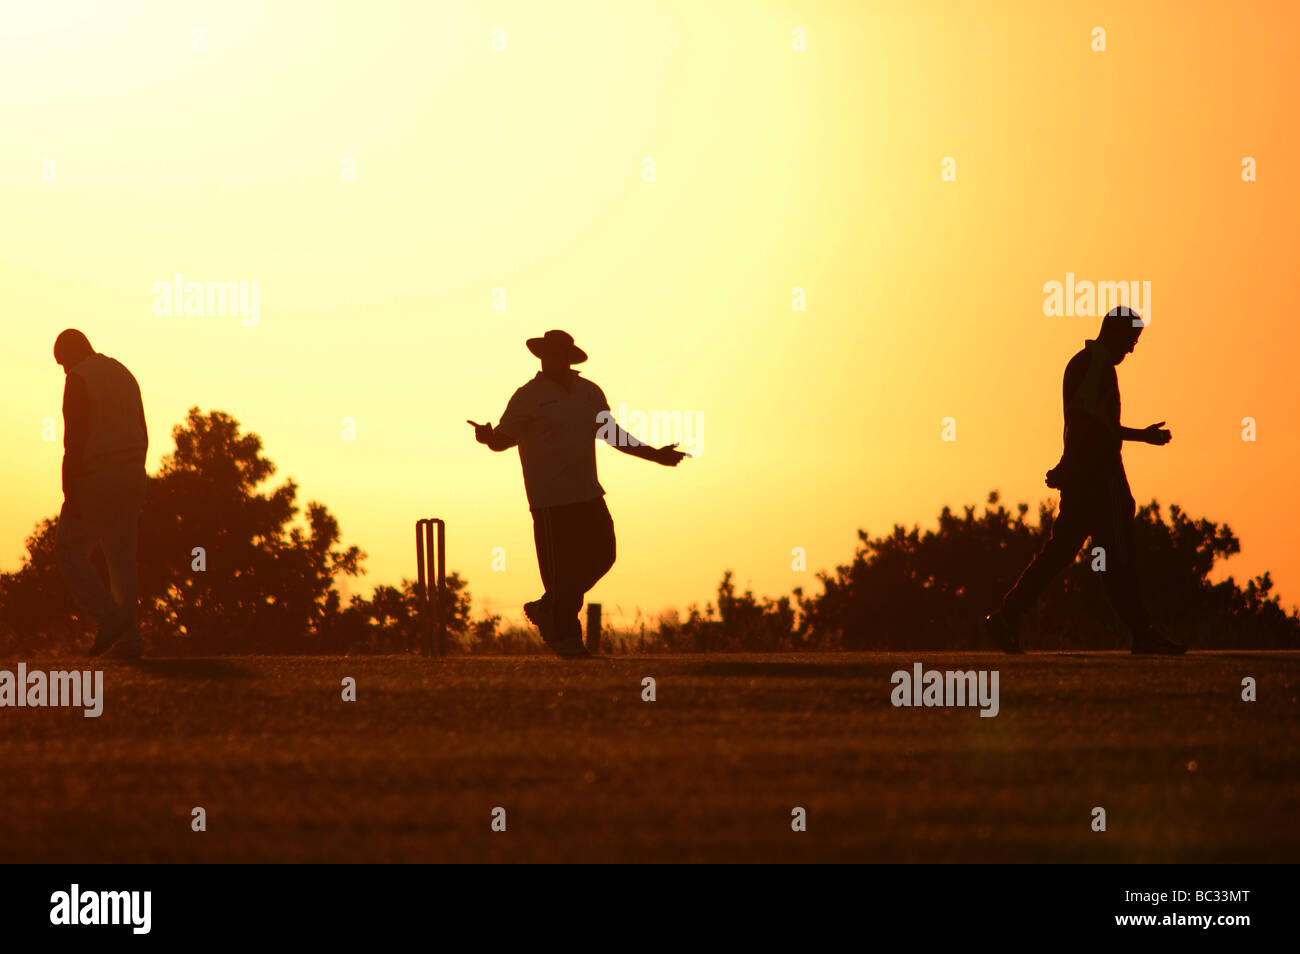 El árbitro y dos jugadores de críquet en una tarde de verano. Imagen De Stock